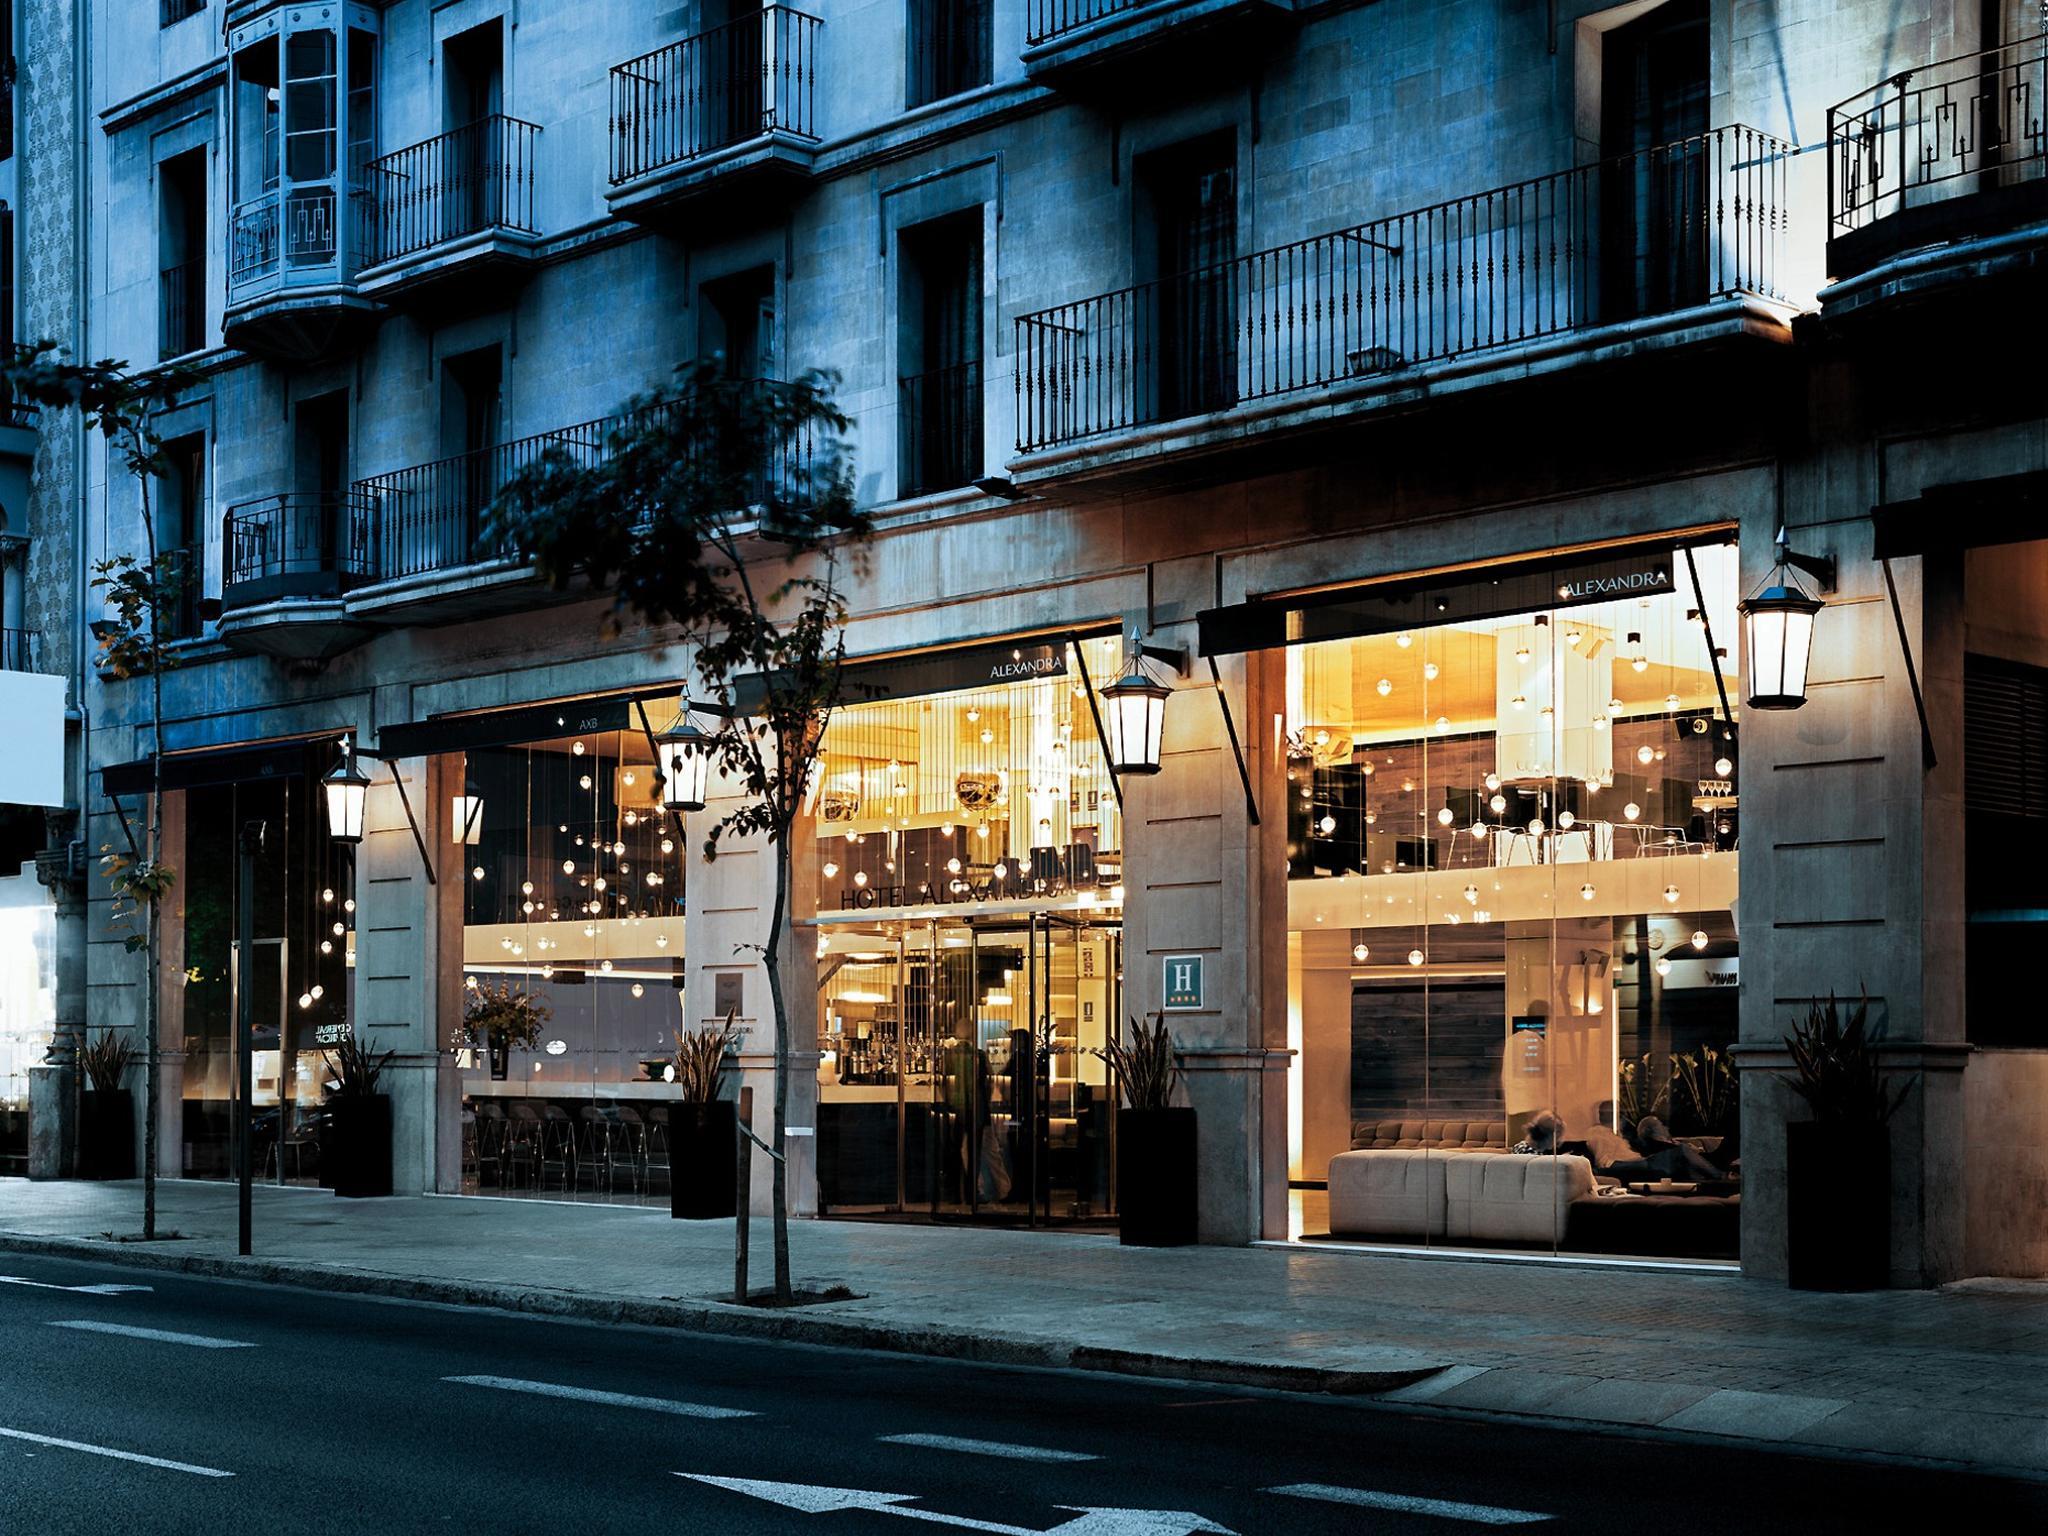 Hot is em barcelona espanha hilton worldwide for Hoteis em barcelona